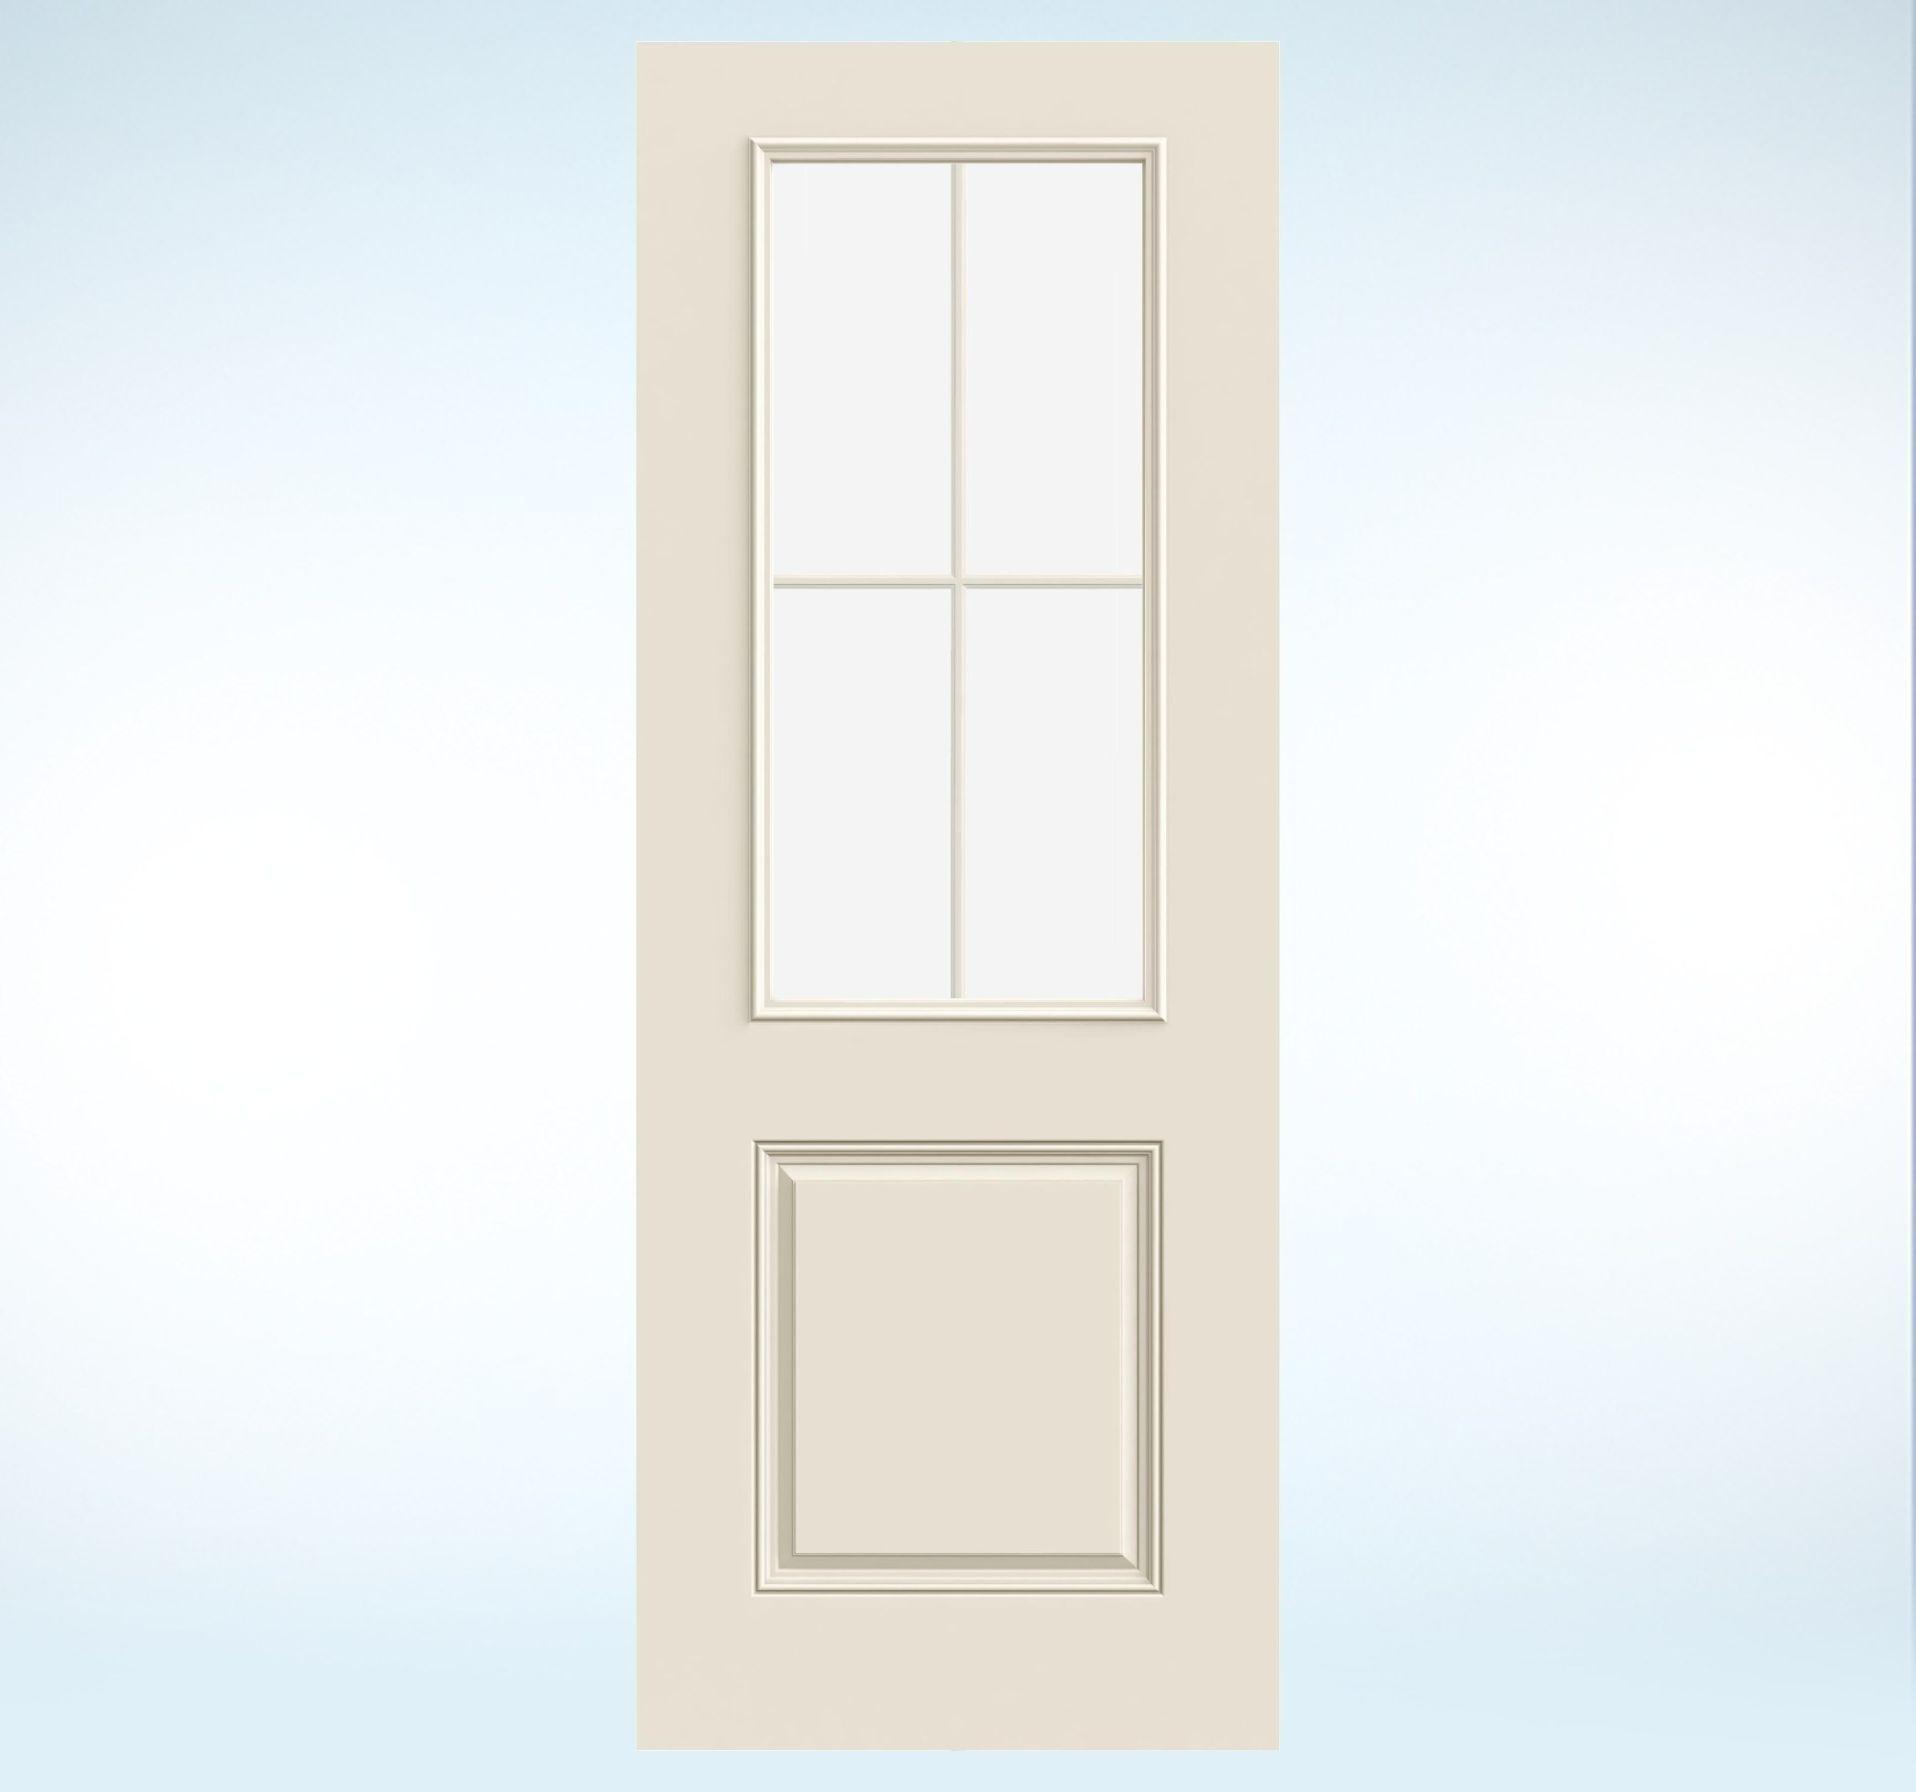 Glass Panel Exterior Door smooth-pro fiberglass glass panel exterior door | jeld-wen doors